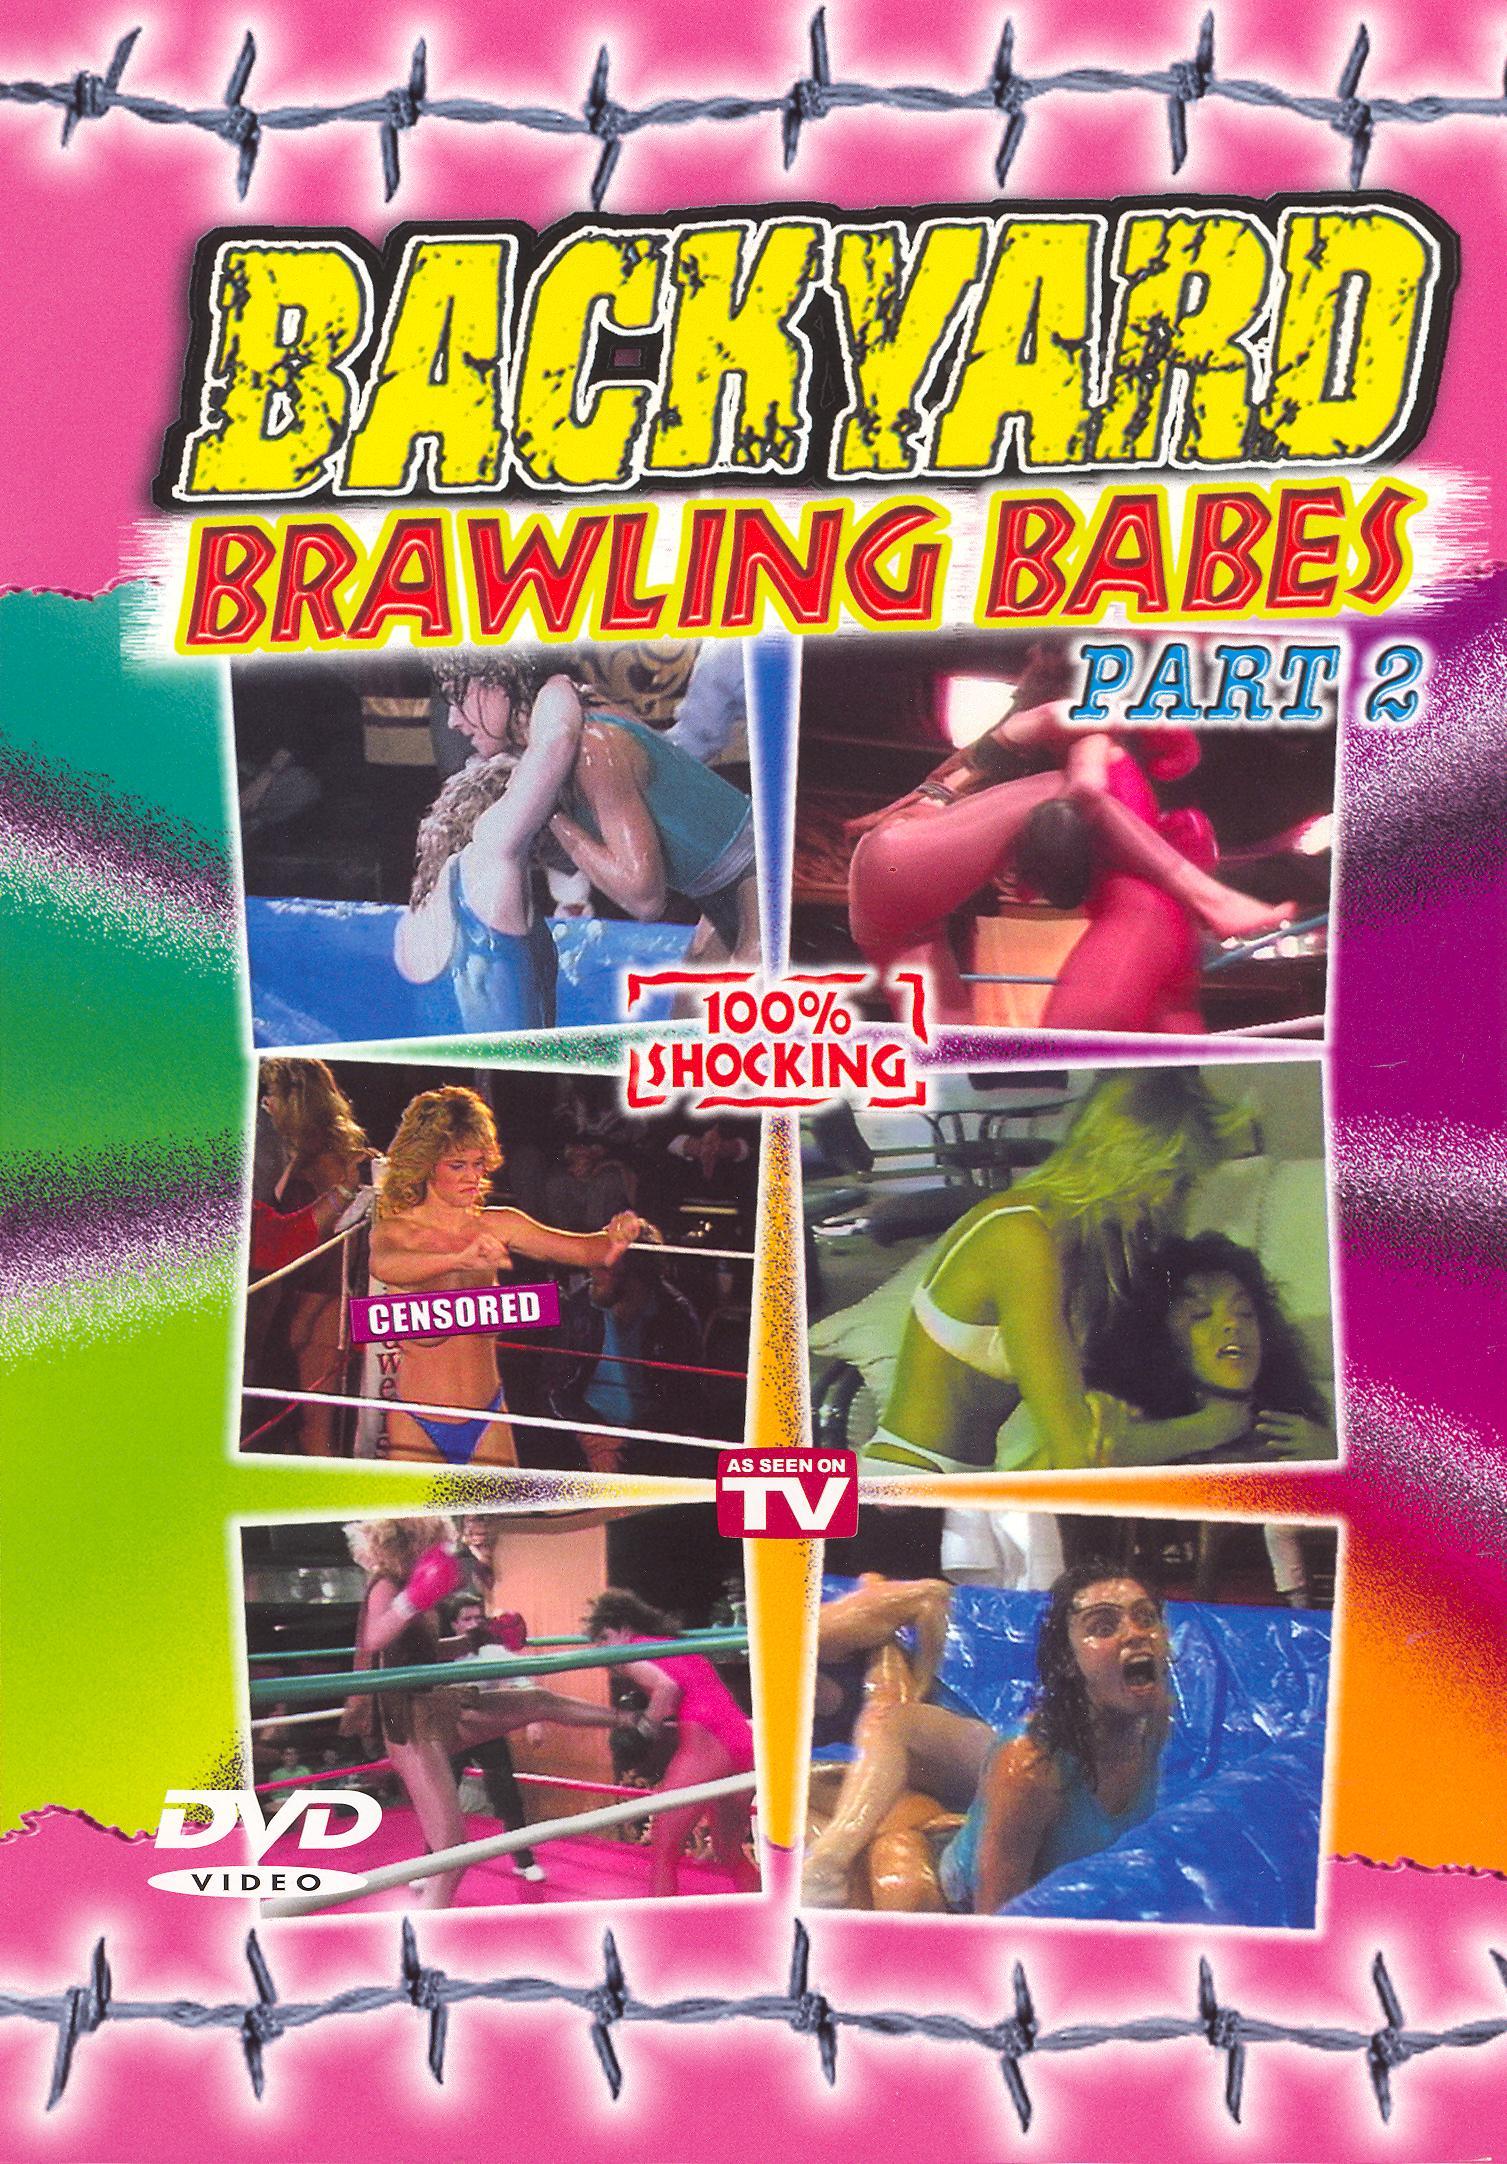 Backyard Brawling Babes, Vol. 2